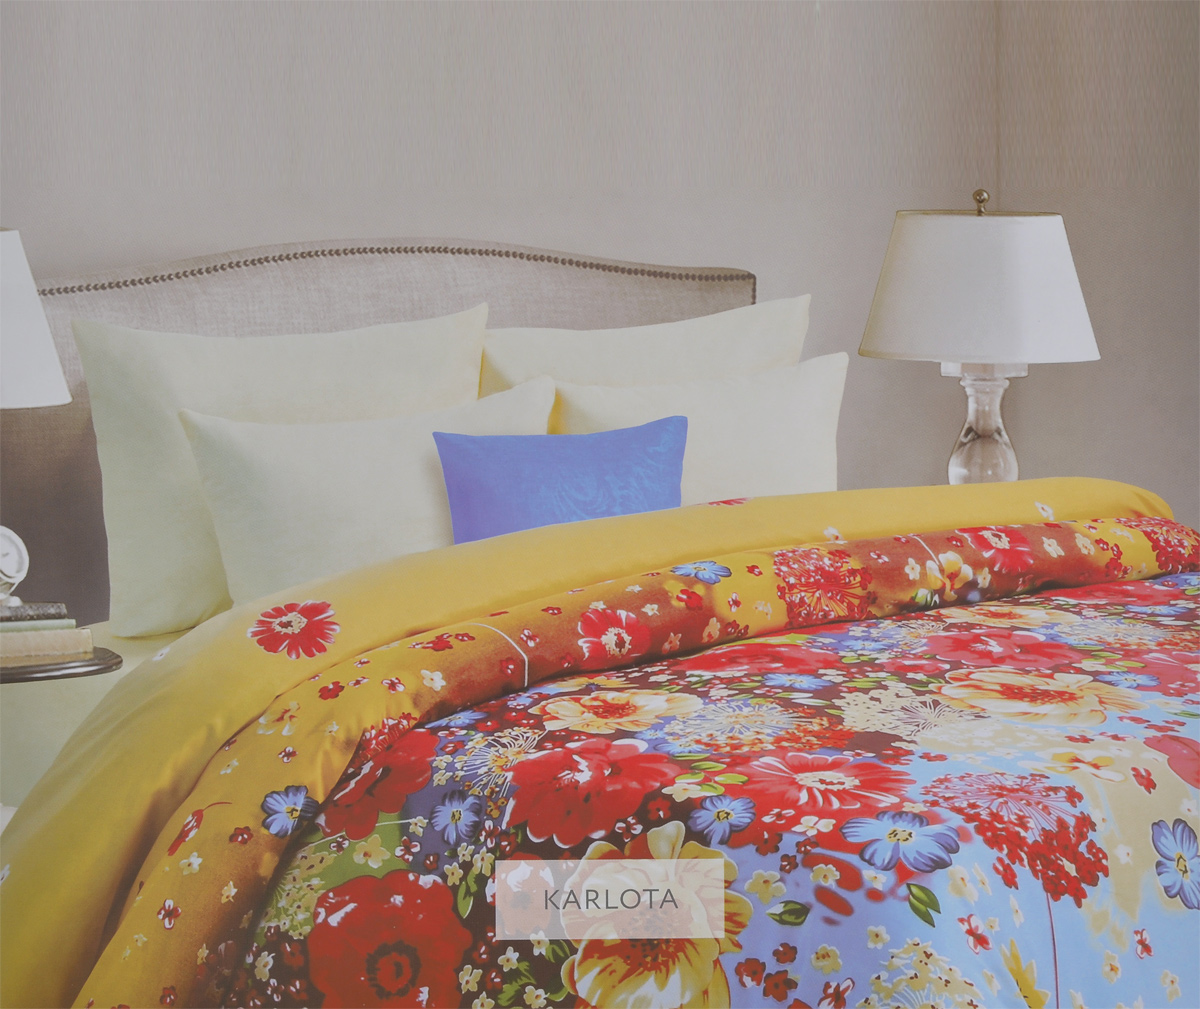 Комплект белья Mona Liza Karlota, 1,5-спальный, наволочки 70х70. 561114/5CA-3505Комплект белья Mona Liza Karlota, выполненный из батиста (100% хлопок), состоит из пододеяльника, простыни и двух наволочек. Изделия оформлены ярким цветочным рисунком. Батист - тонкая, легкая натуральная ткань полотняного переплетения. Батист, несомненно, является одной из самых аристократичных и совершенных тканей. Он отличается нежностью, трепетной утонченностью и изысканностью. Ткань с незначительной сминаемостью, хорошо сохраняющая цвет при стирке, легкая, с прекрасными гигиеническими показателями. Рекомендации по уходу: - Ручная и машинная стирка 40°С, - Гладить при температуре не более 150°С, - Не использовать хлорсодержащие средства, - Щадящая сушка, - Не подвергать химчистке.